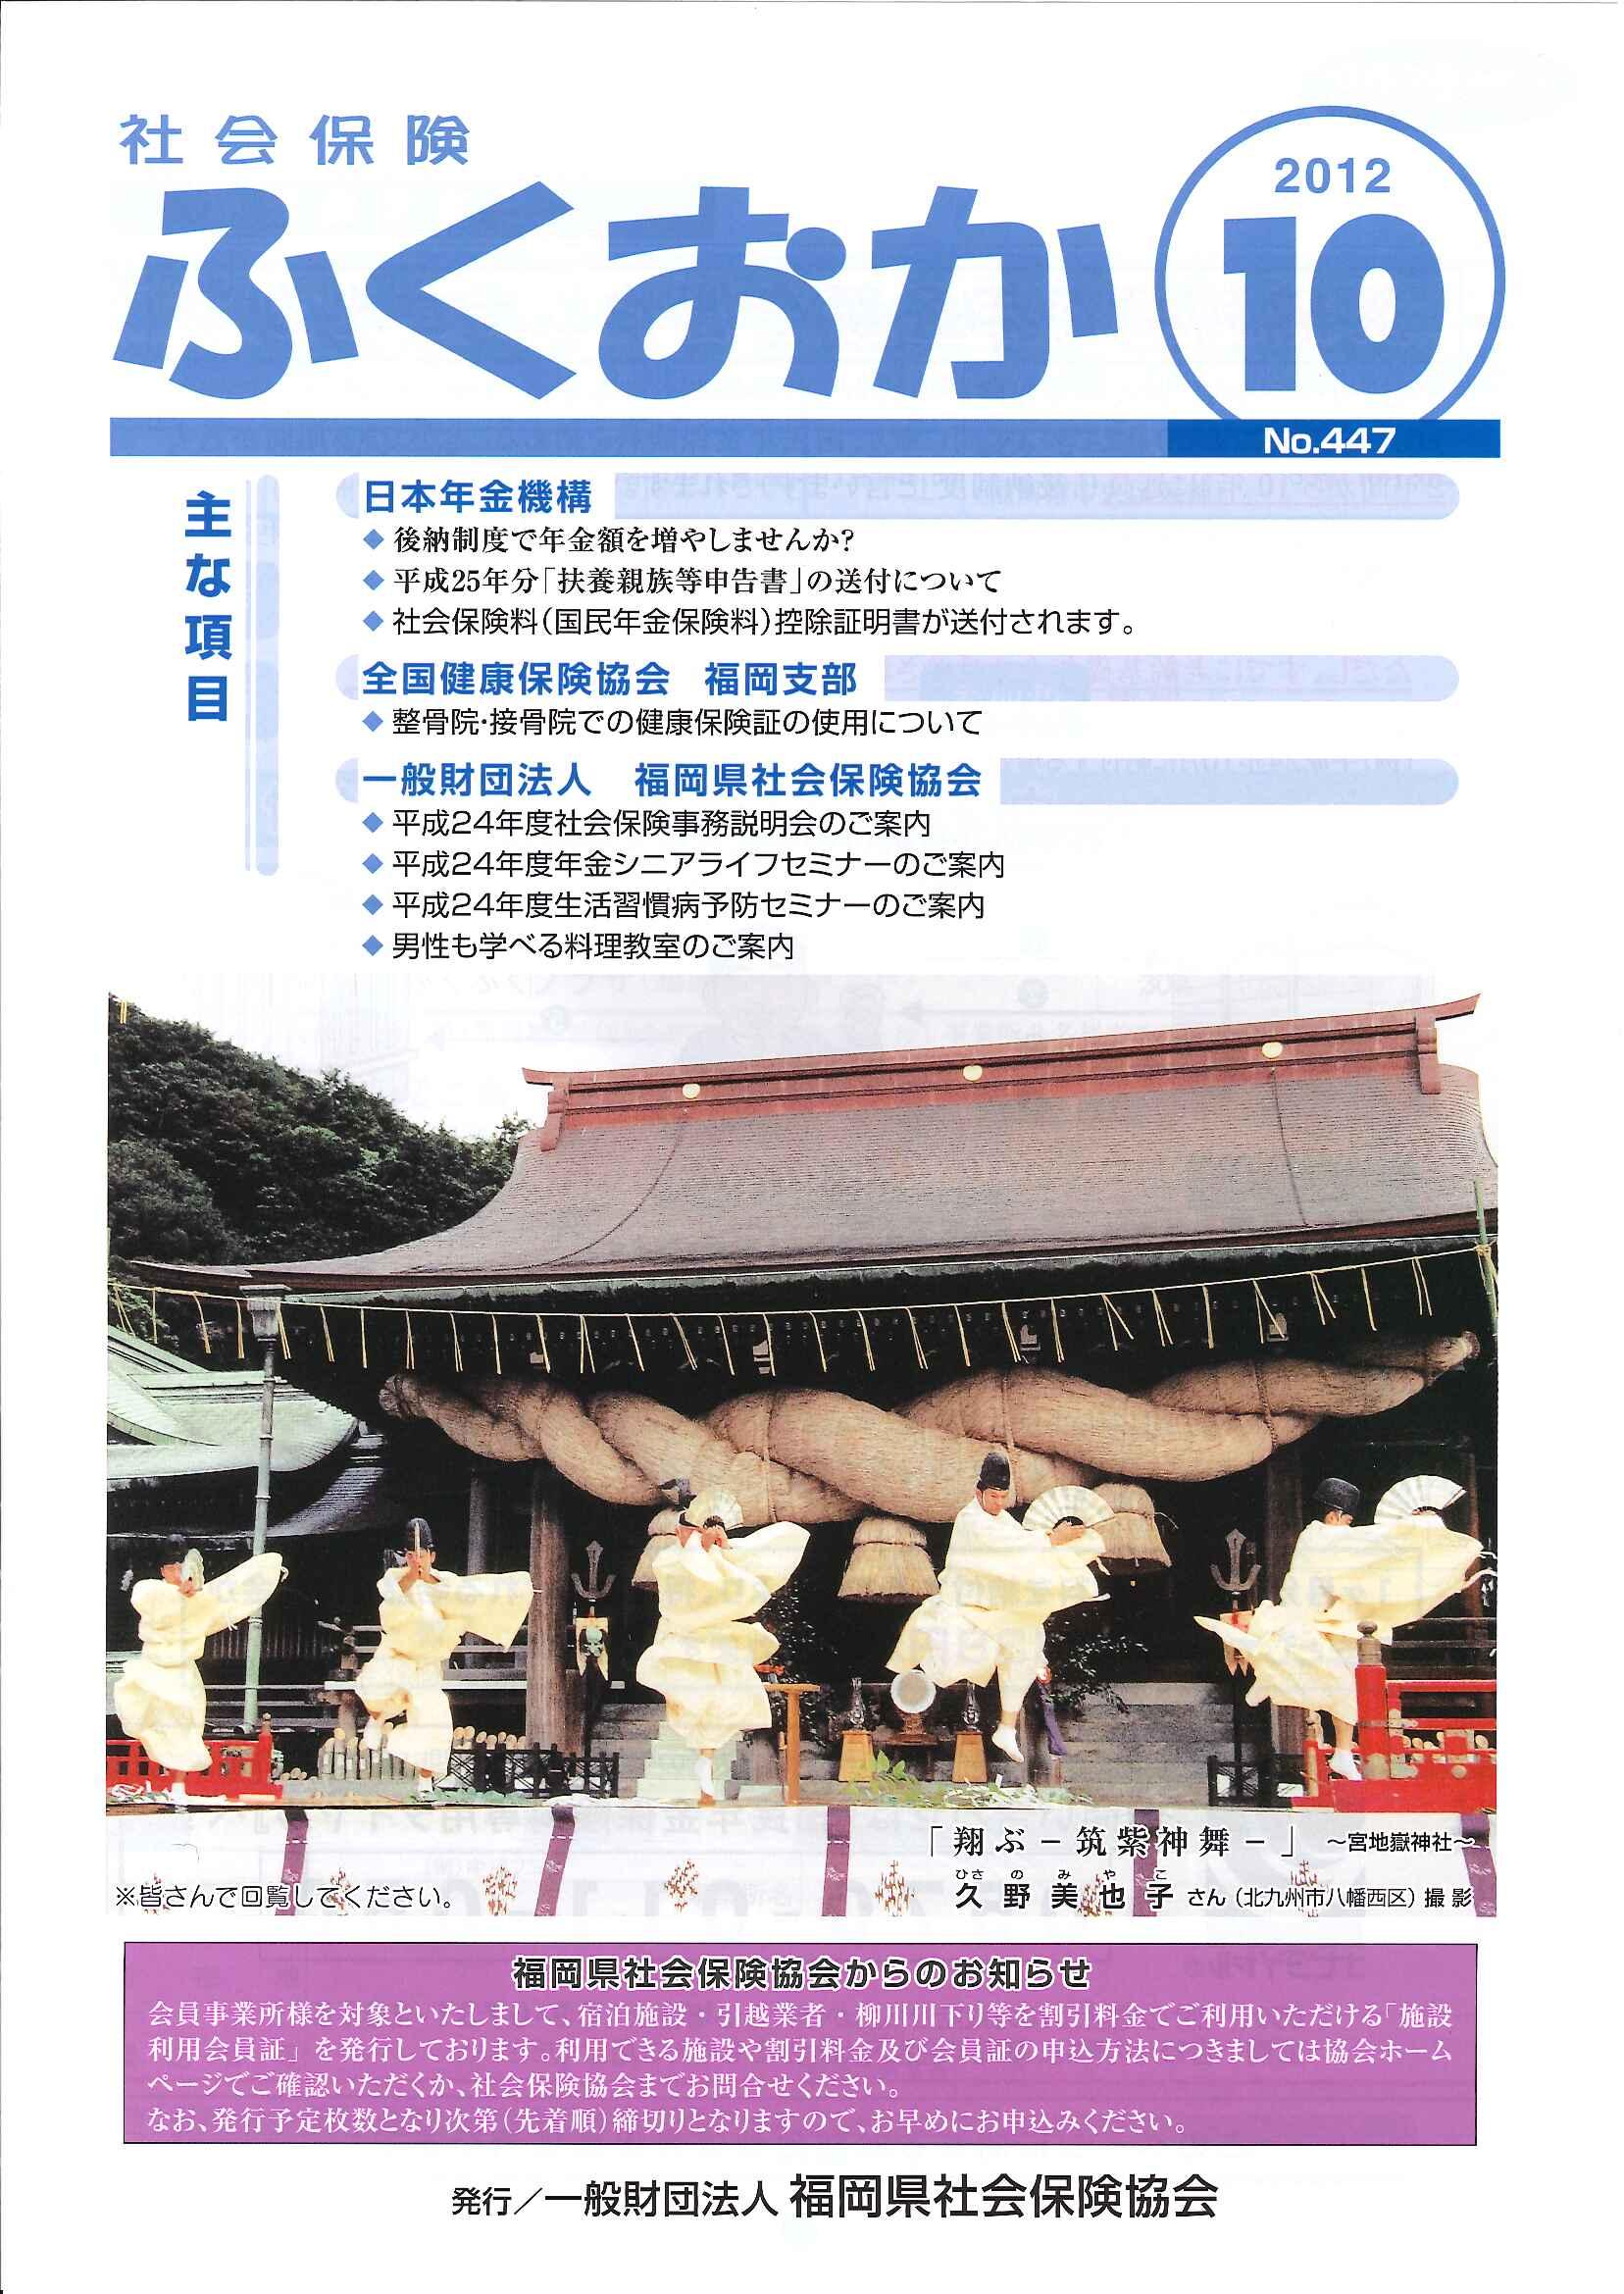 社会保険 ふくおか 2012 10月号_f0120774_13502552.jpg